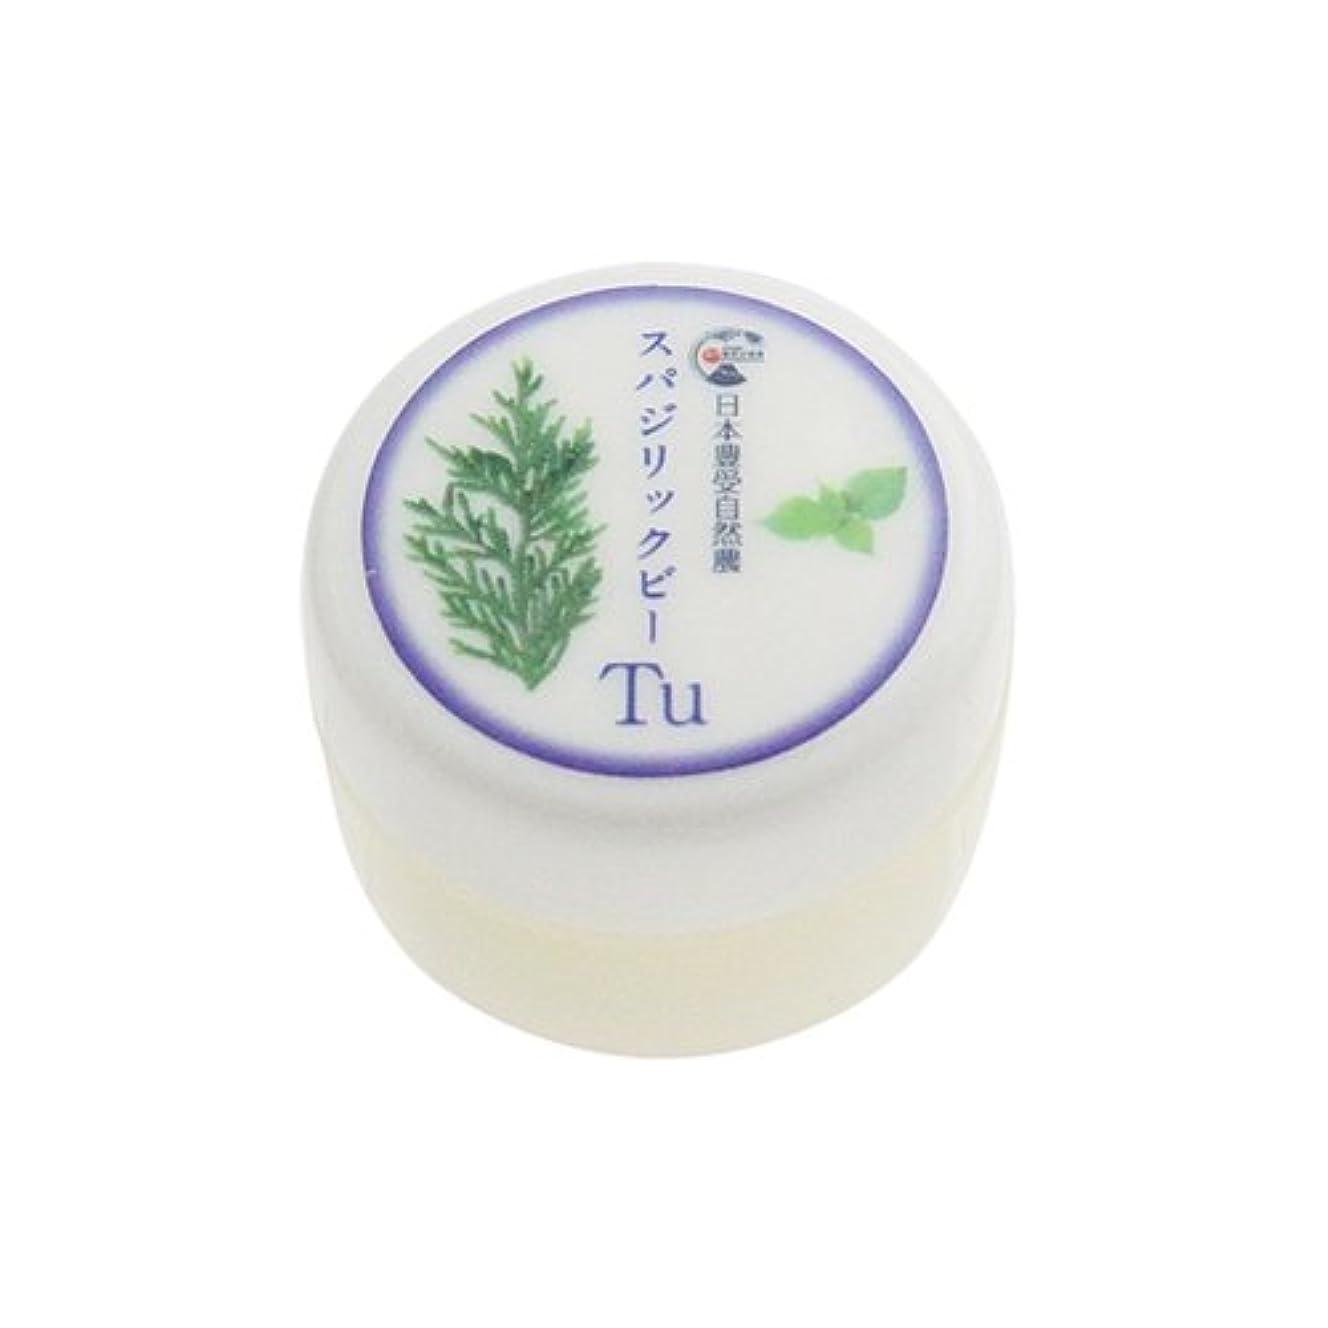 学部メッセンジャー実際日本豊受自然農 スパジリック ビーTu(小) 10g